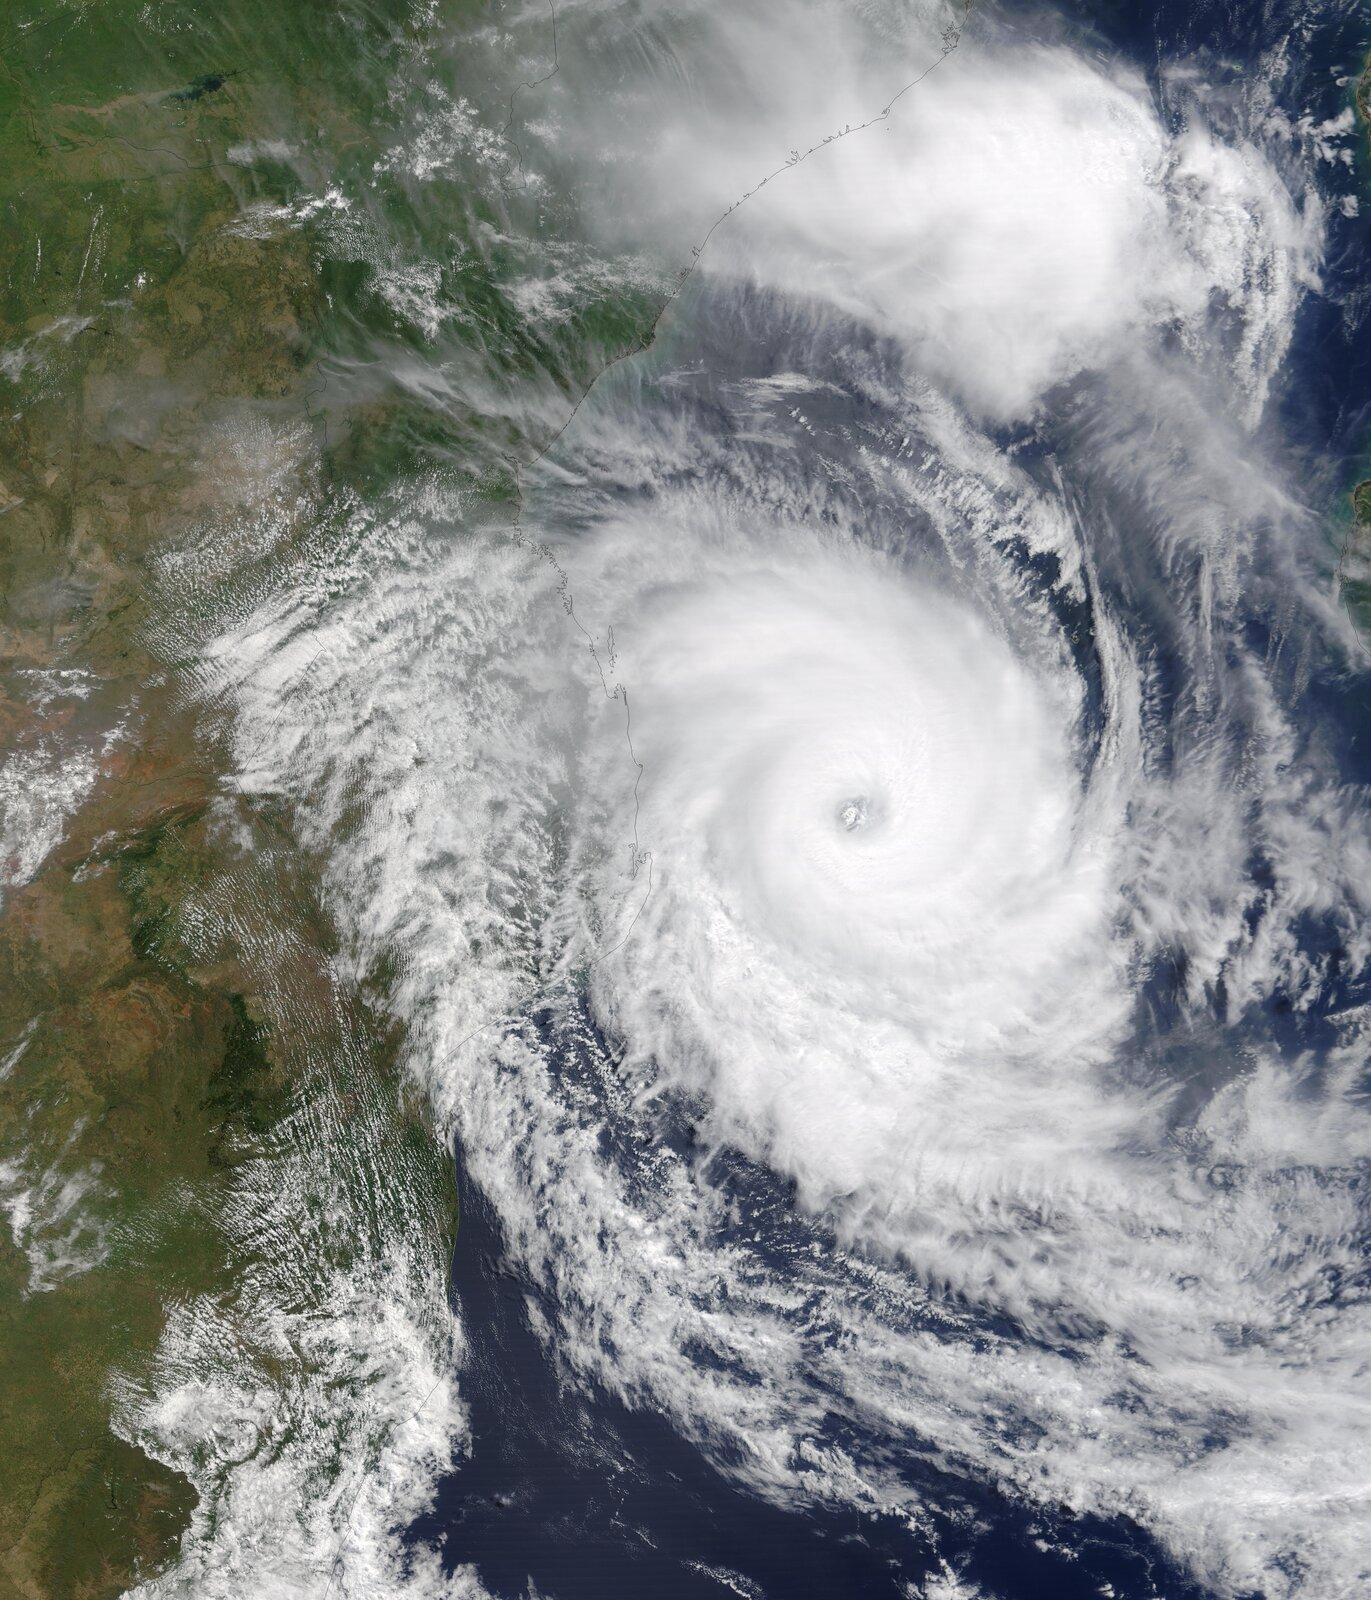 Zdjęcie satelitarne przedstawia wirujący cyklon widziany zgóry. Wcentralnej części zdjęcia znajduje się skupisko wirujących białych chmur. Wewnątrz kręgu, które tworzą wirujące chmury, tworzy się lej. Pusta przestrzeń wewnątrz cyklonu to bezchmurny obszar nazywany okiem cyklonu.